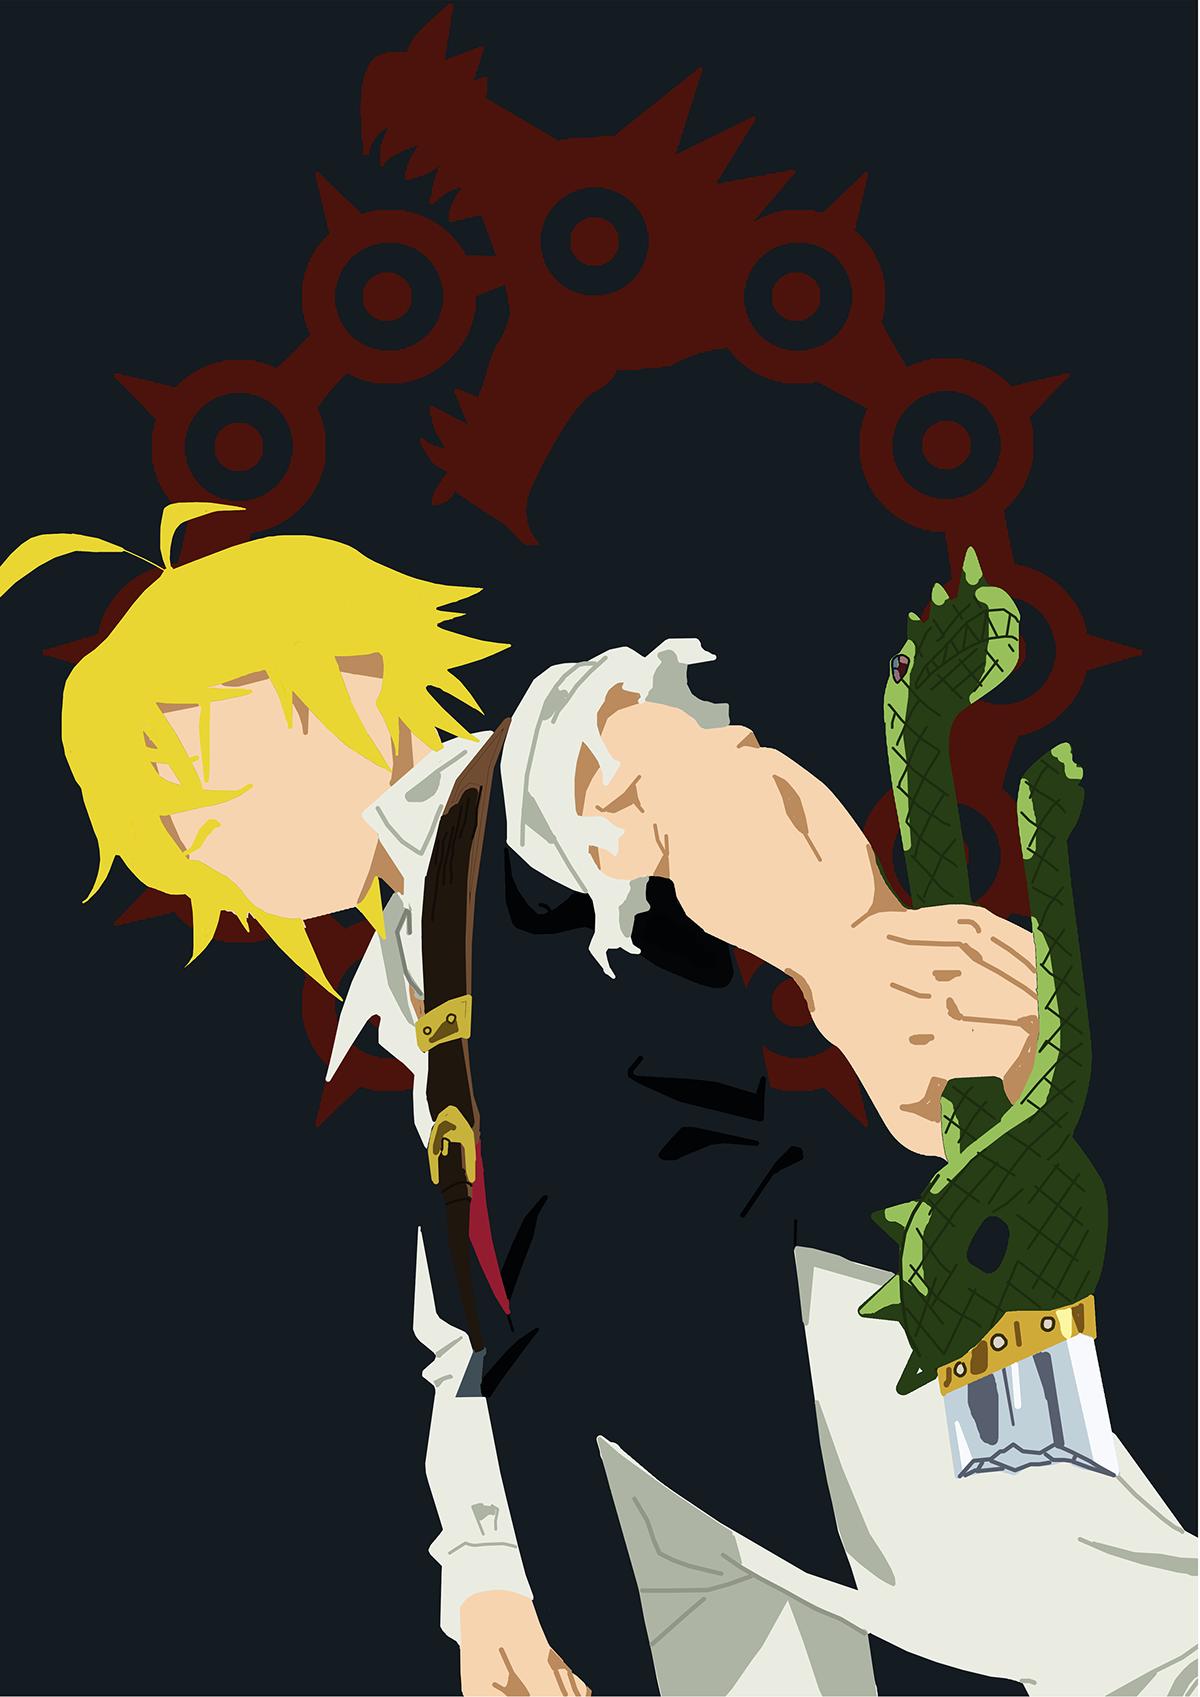 The Seven Deadly Sins On Behance Anime 7 Pecados Capitales Pecados Capitales Arte De Anime